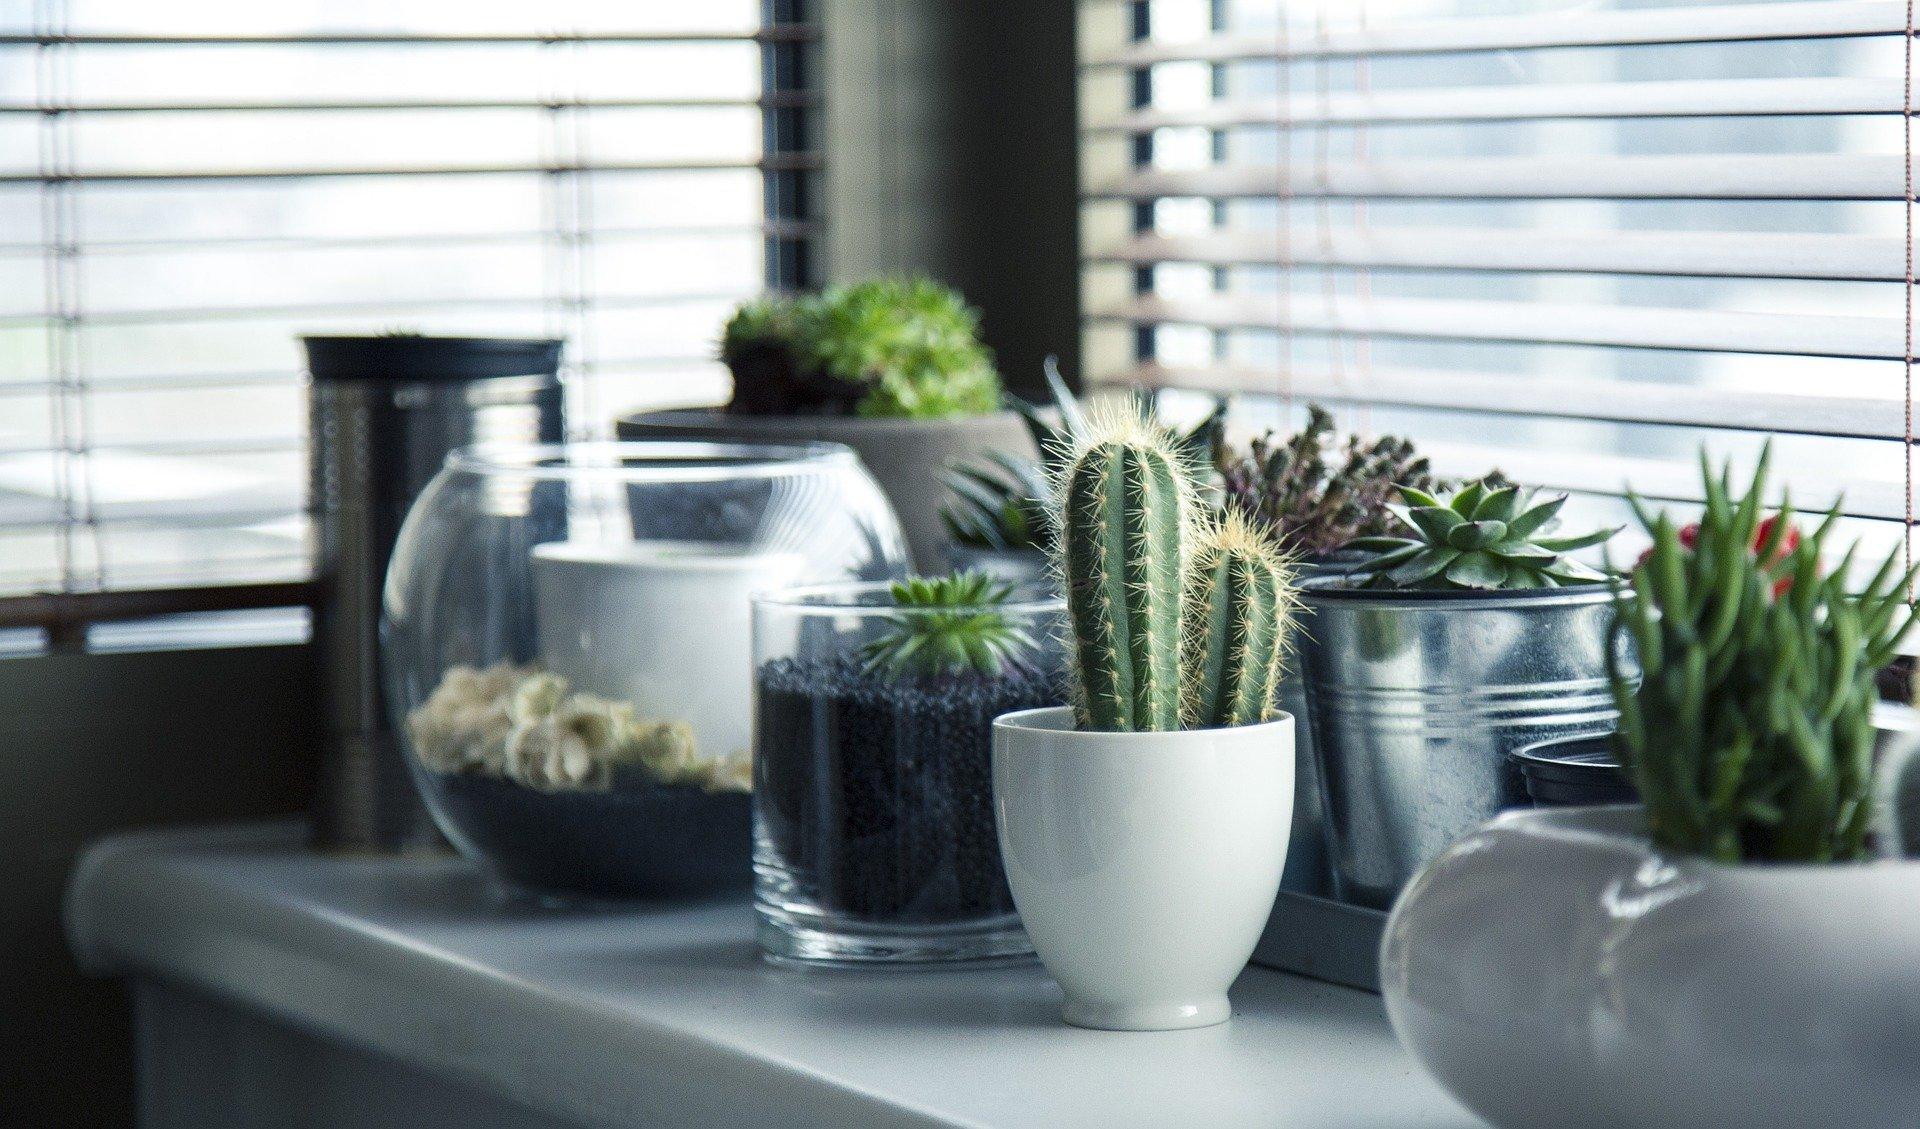 Nezahtevne sobne rastline: popolna izbira za vse, ki ste veliko zdoma